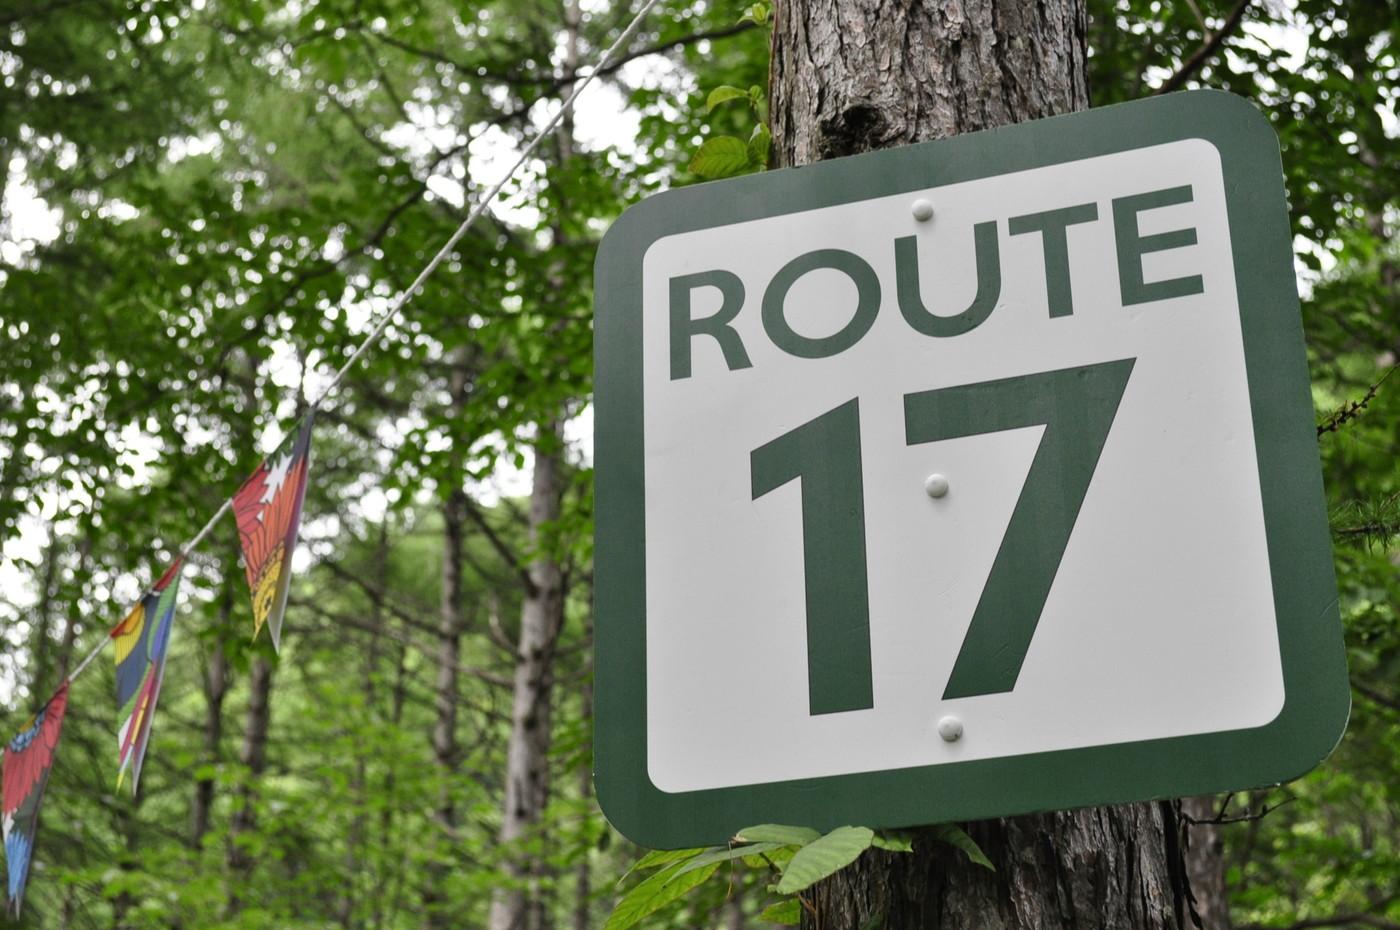 ボードウォーク=国道17号!?